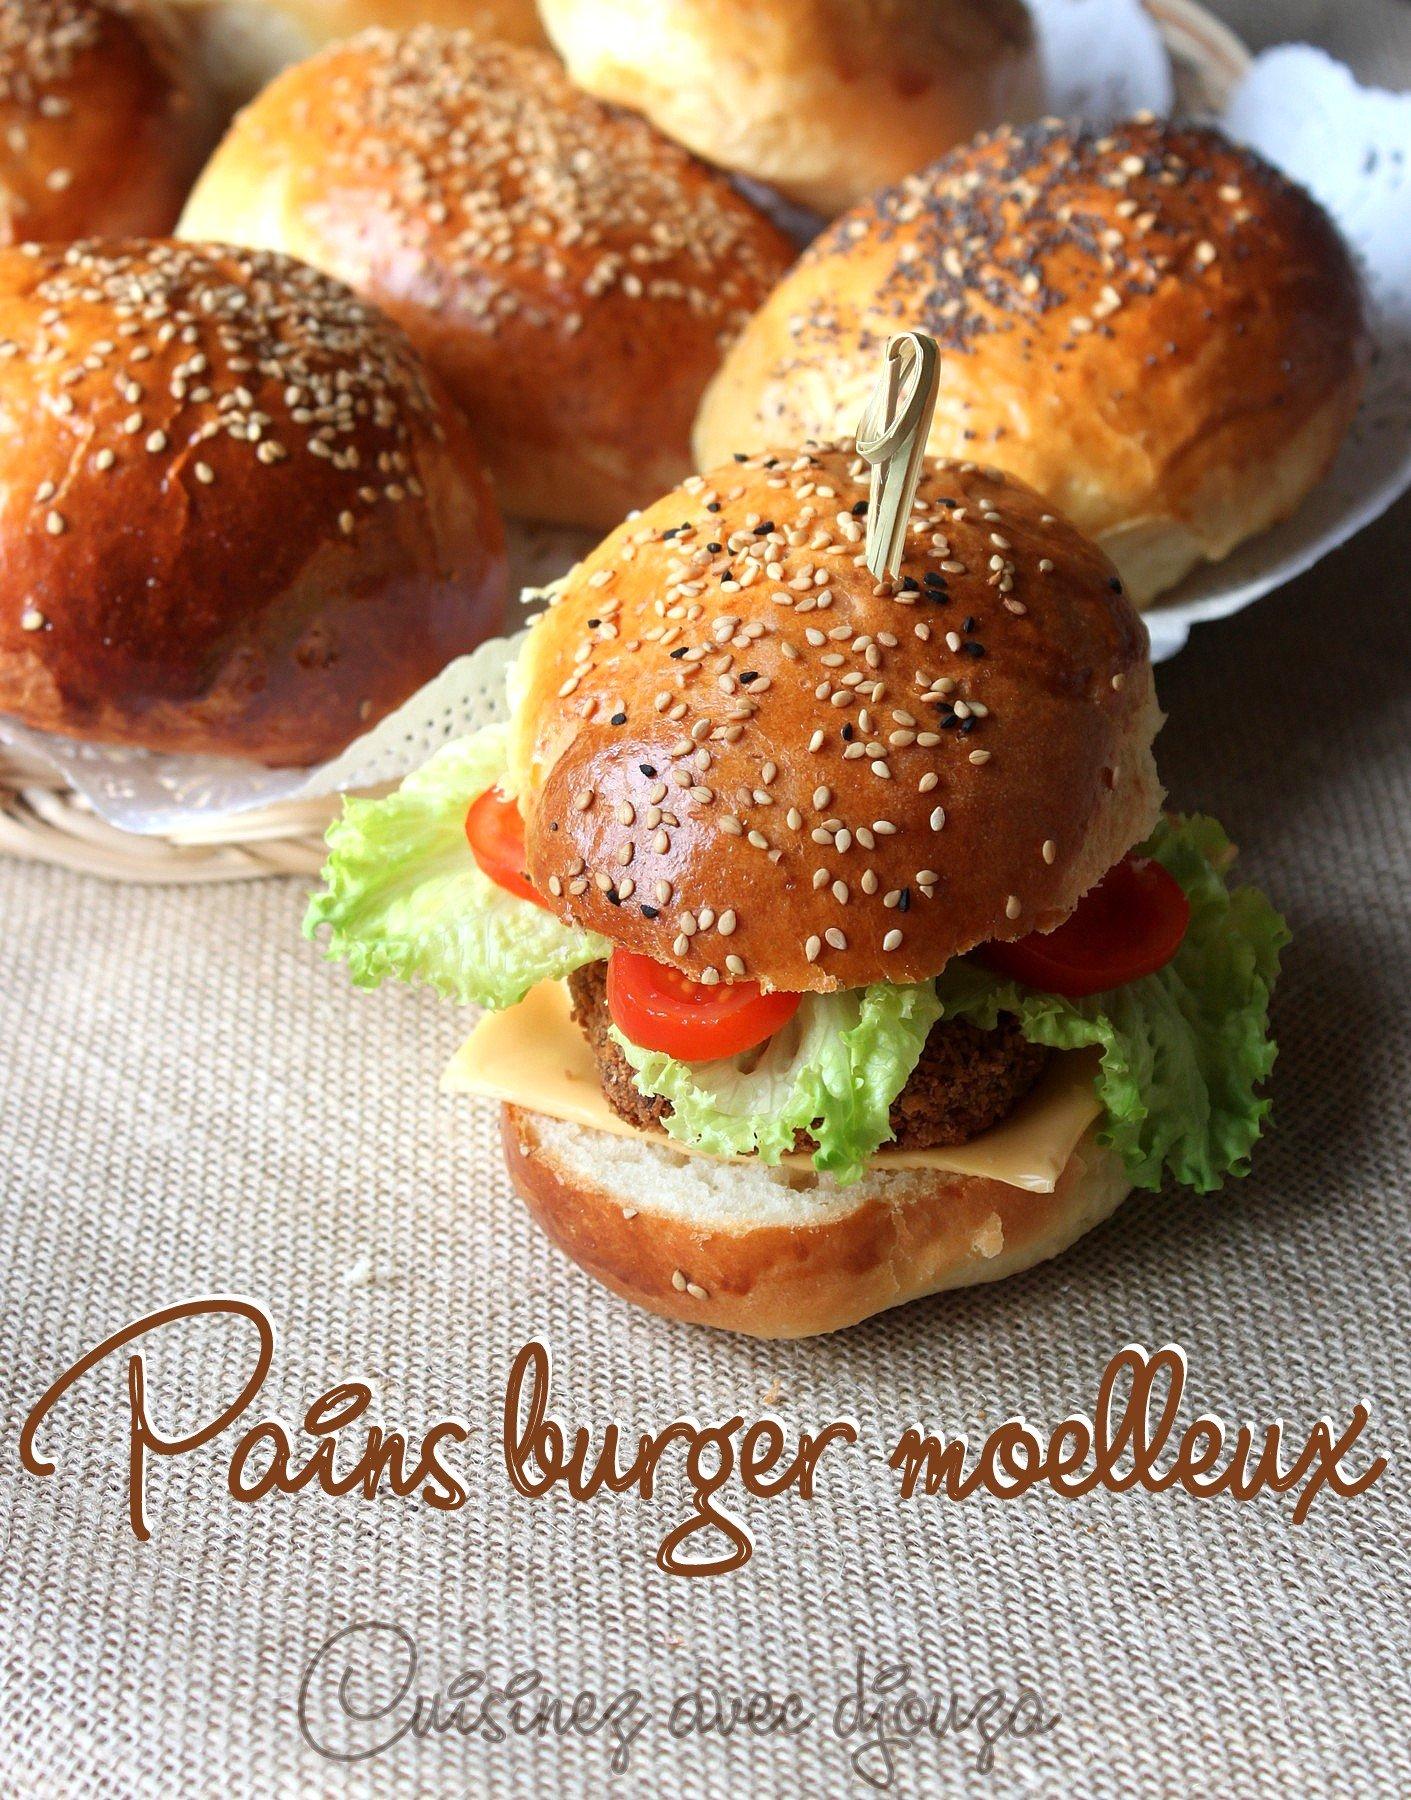 Recettes hamburger maison facile - Recette hamburger maison ...